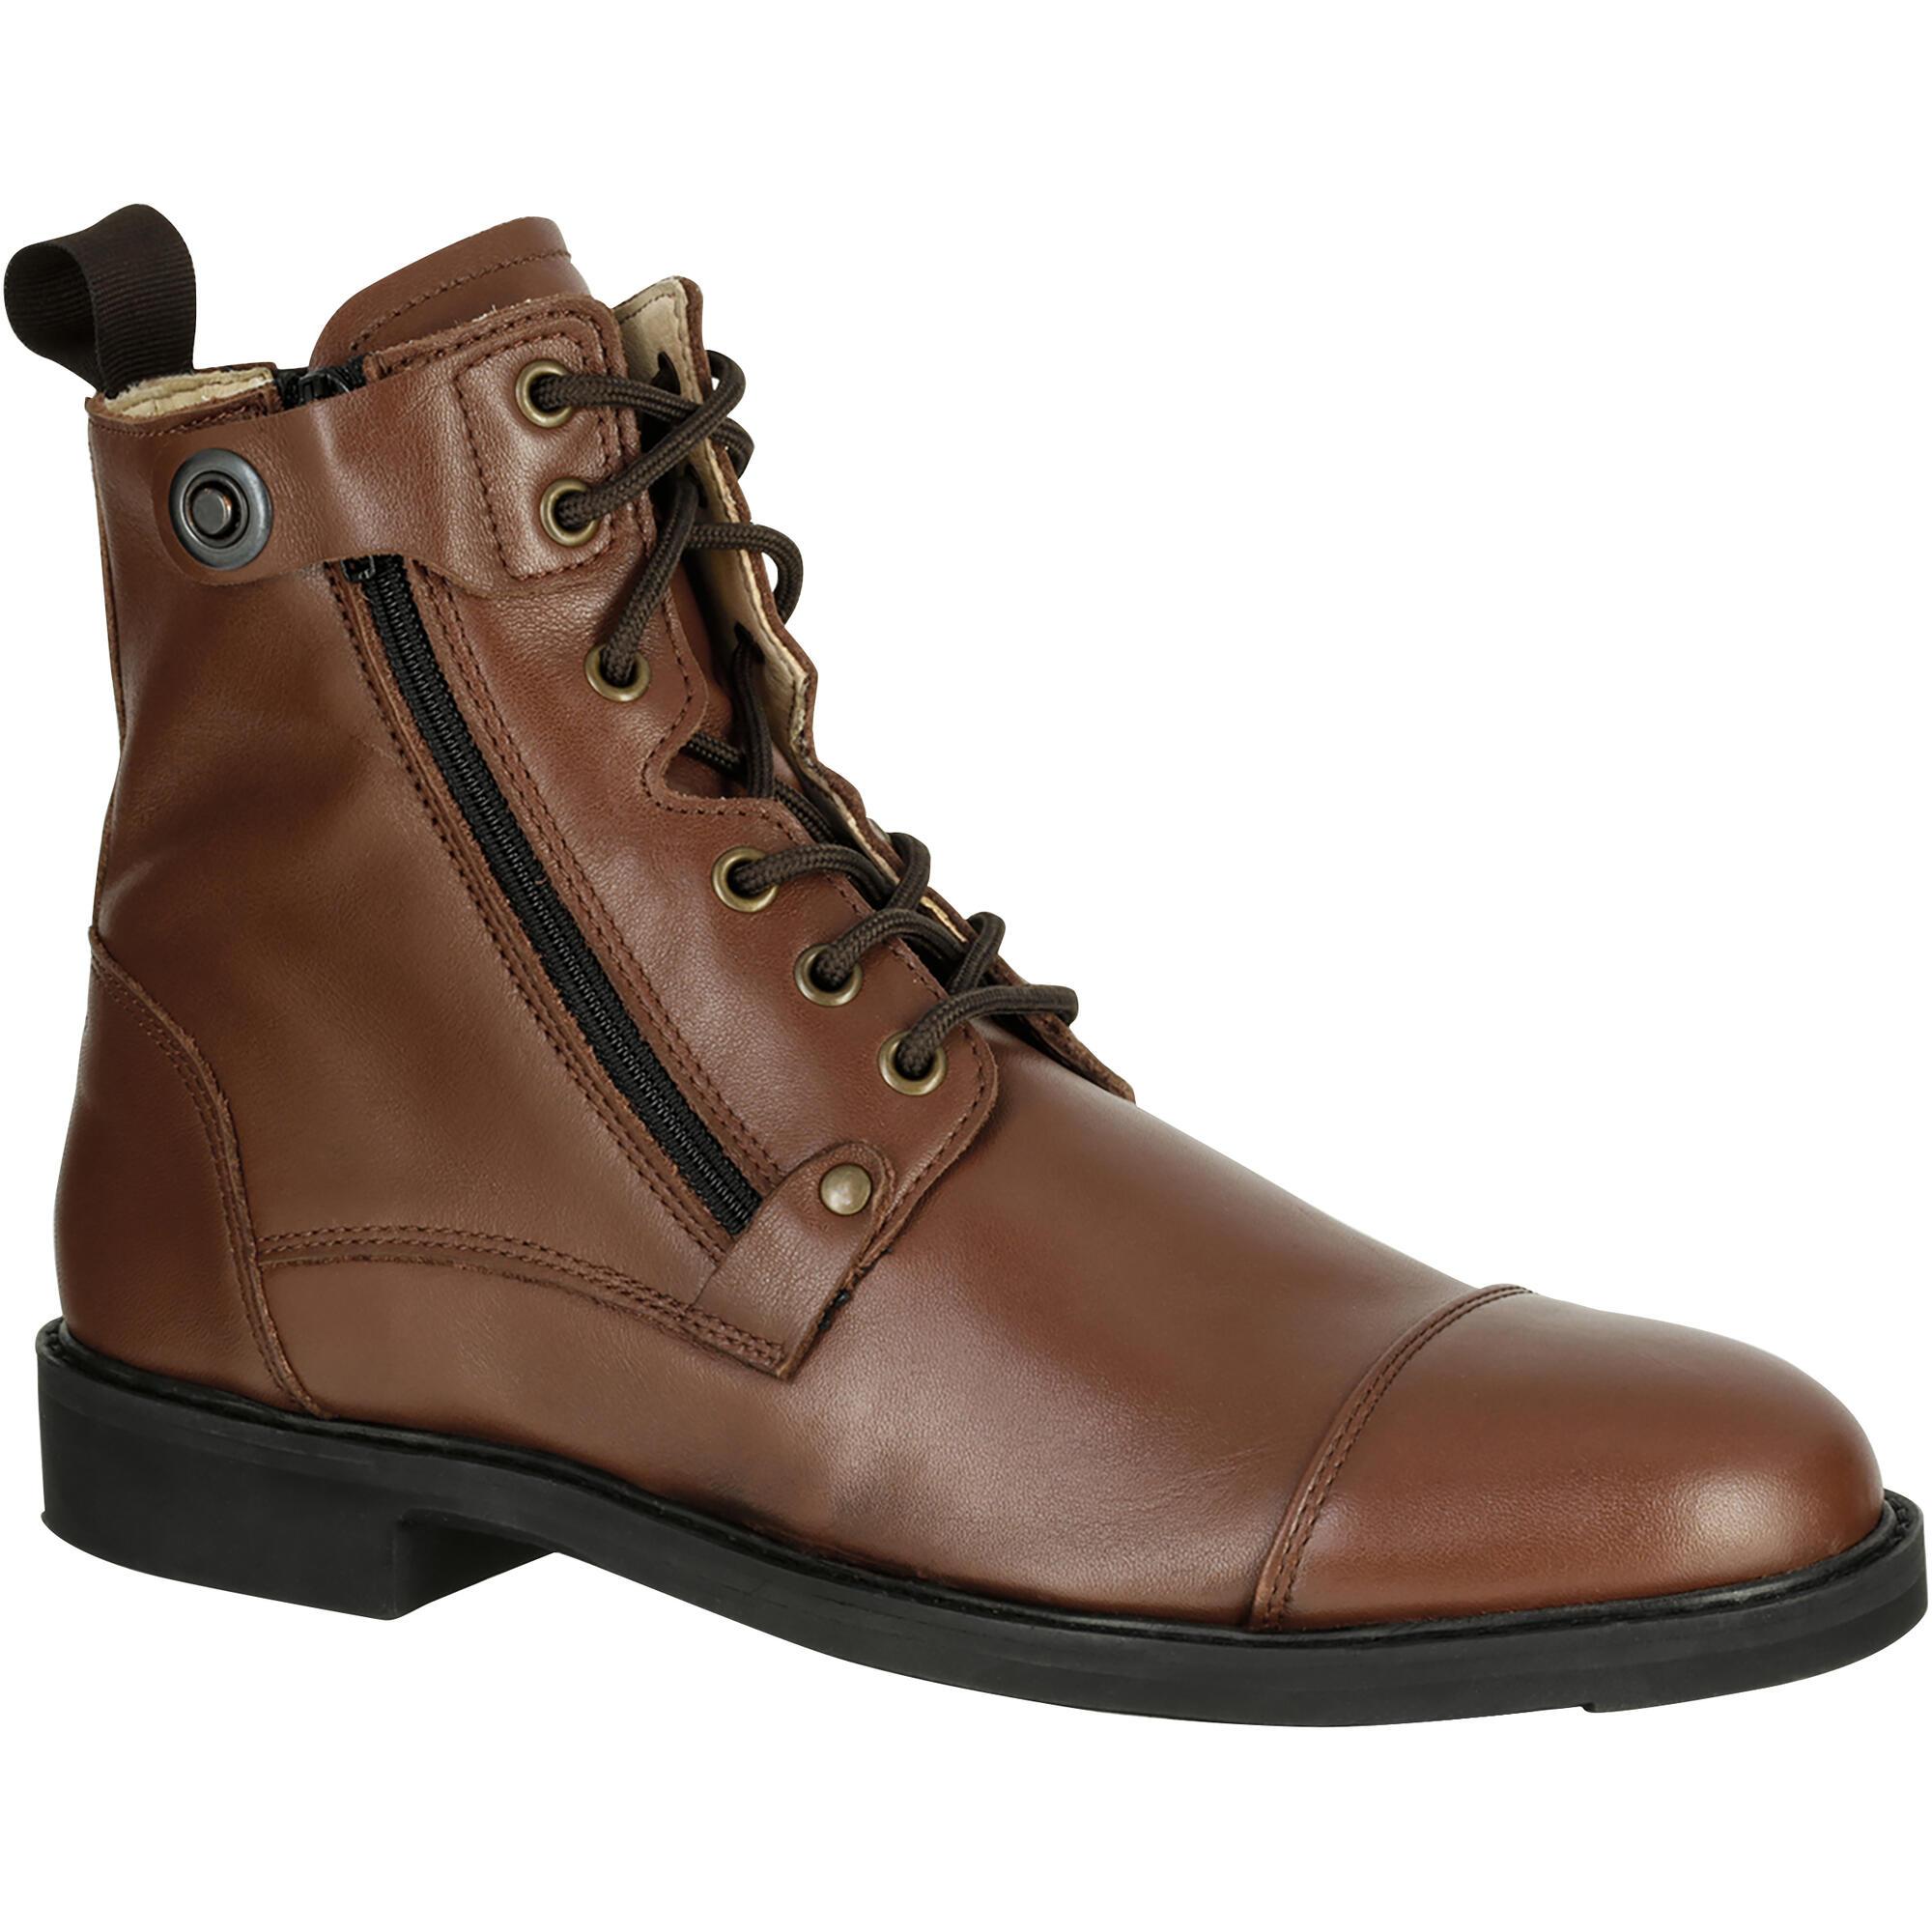 boots équitation adulte training lacet 700 marron | fouganza